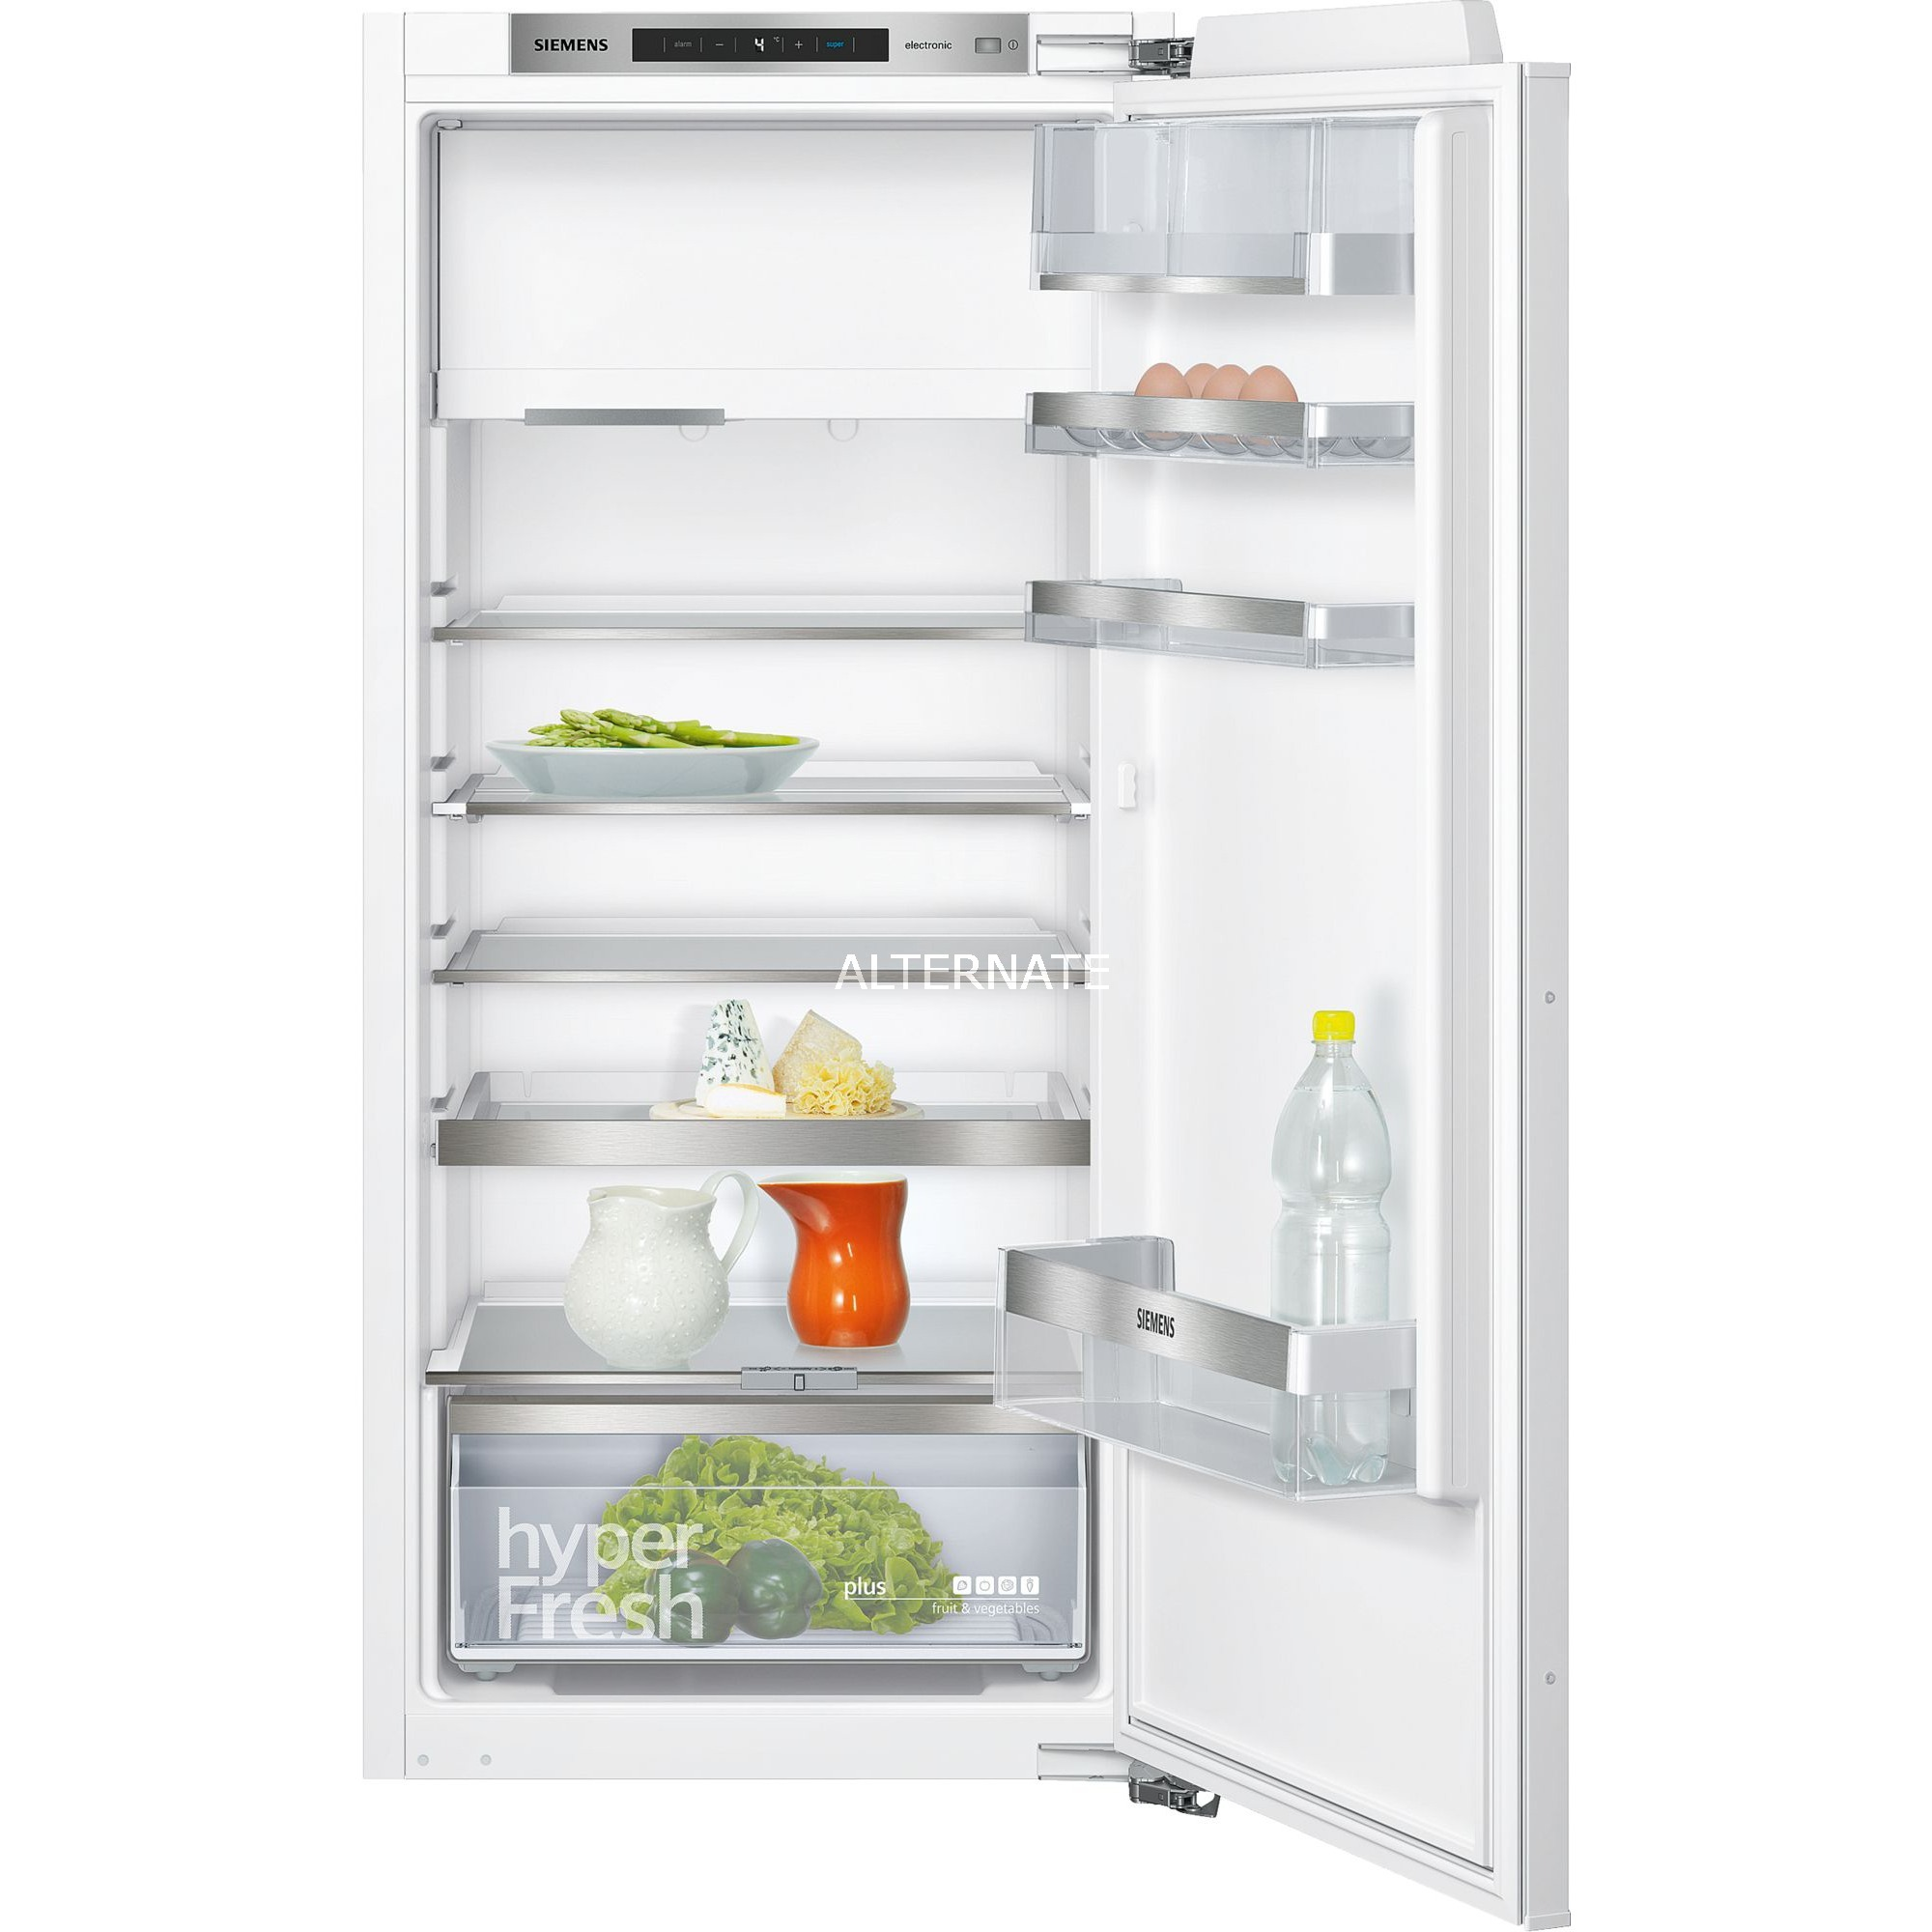 Siemens KI42LAD40 iQ500, Kühlschrank weiß